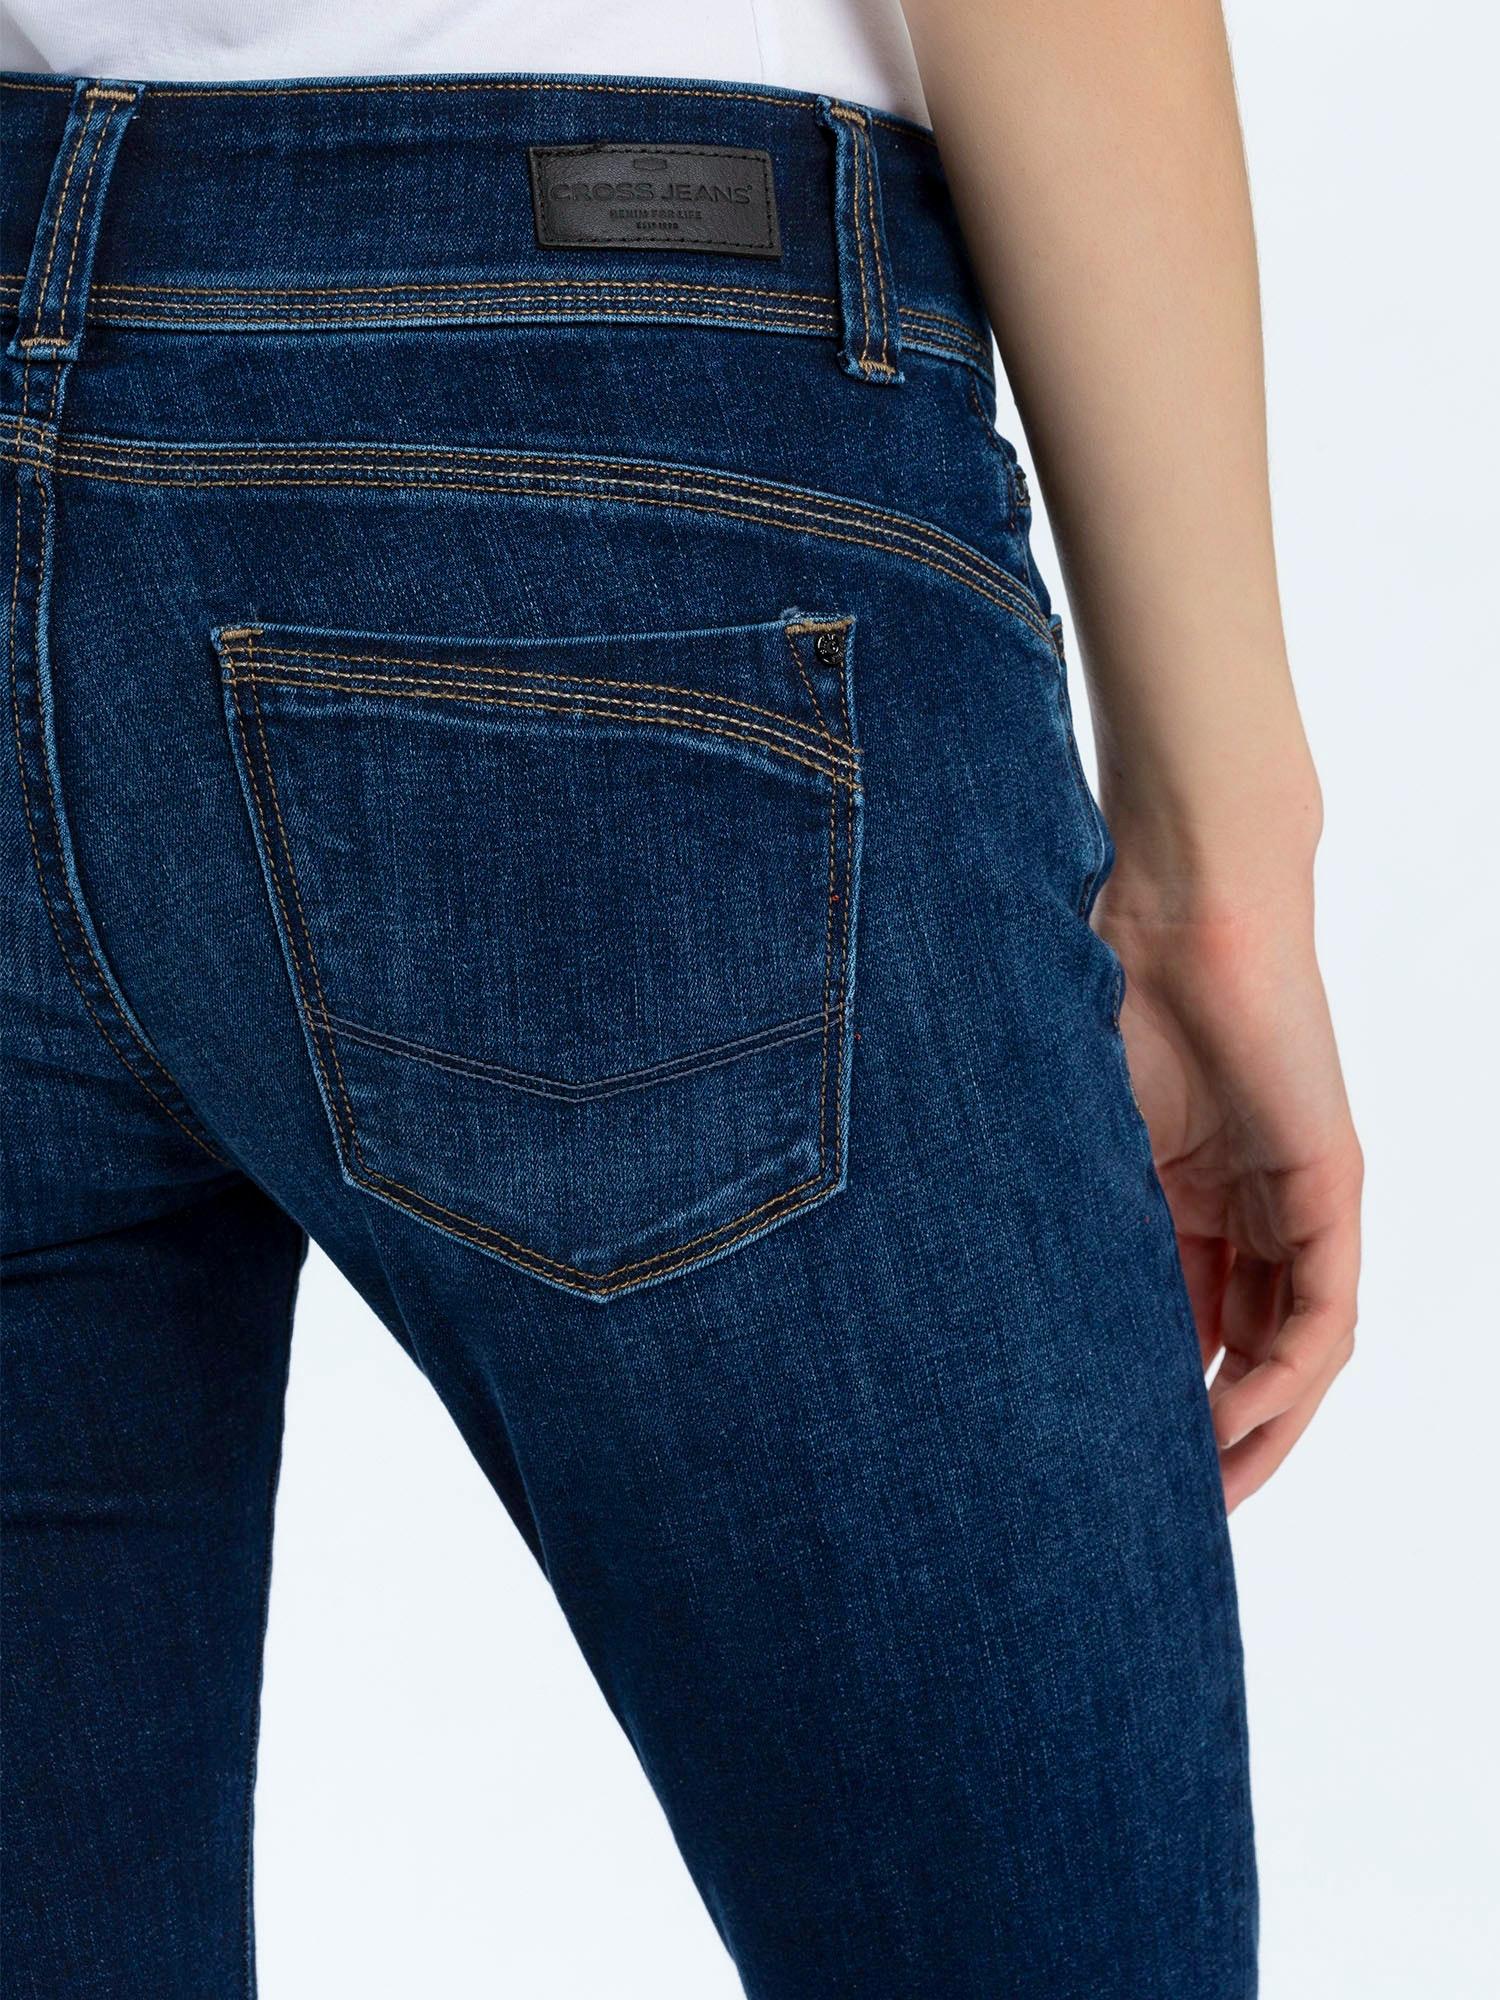 Cross Jeans Loie